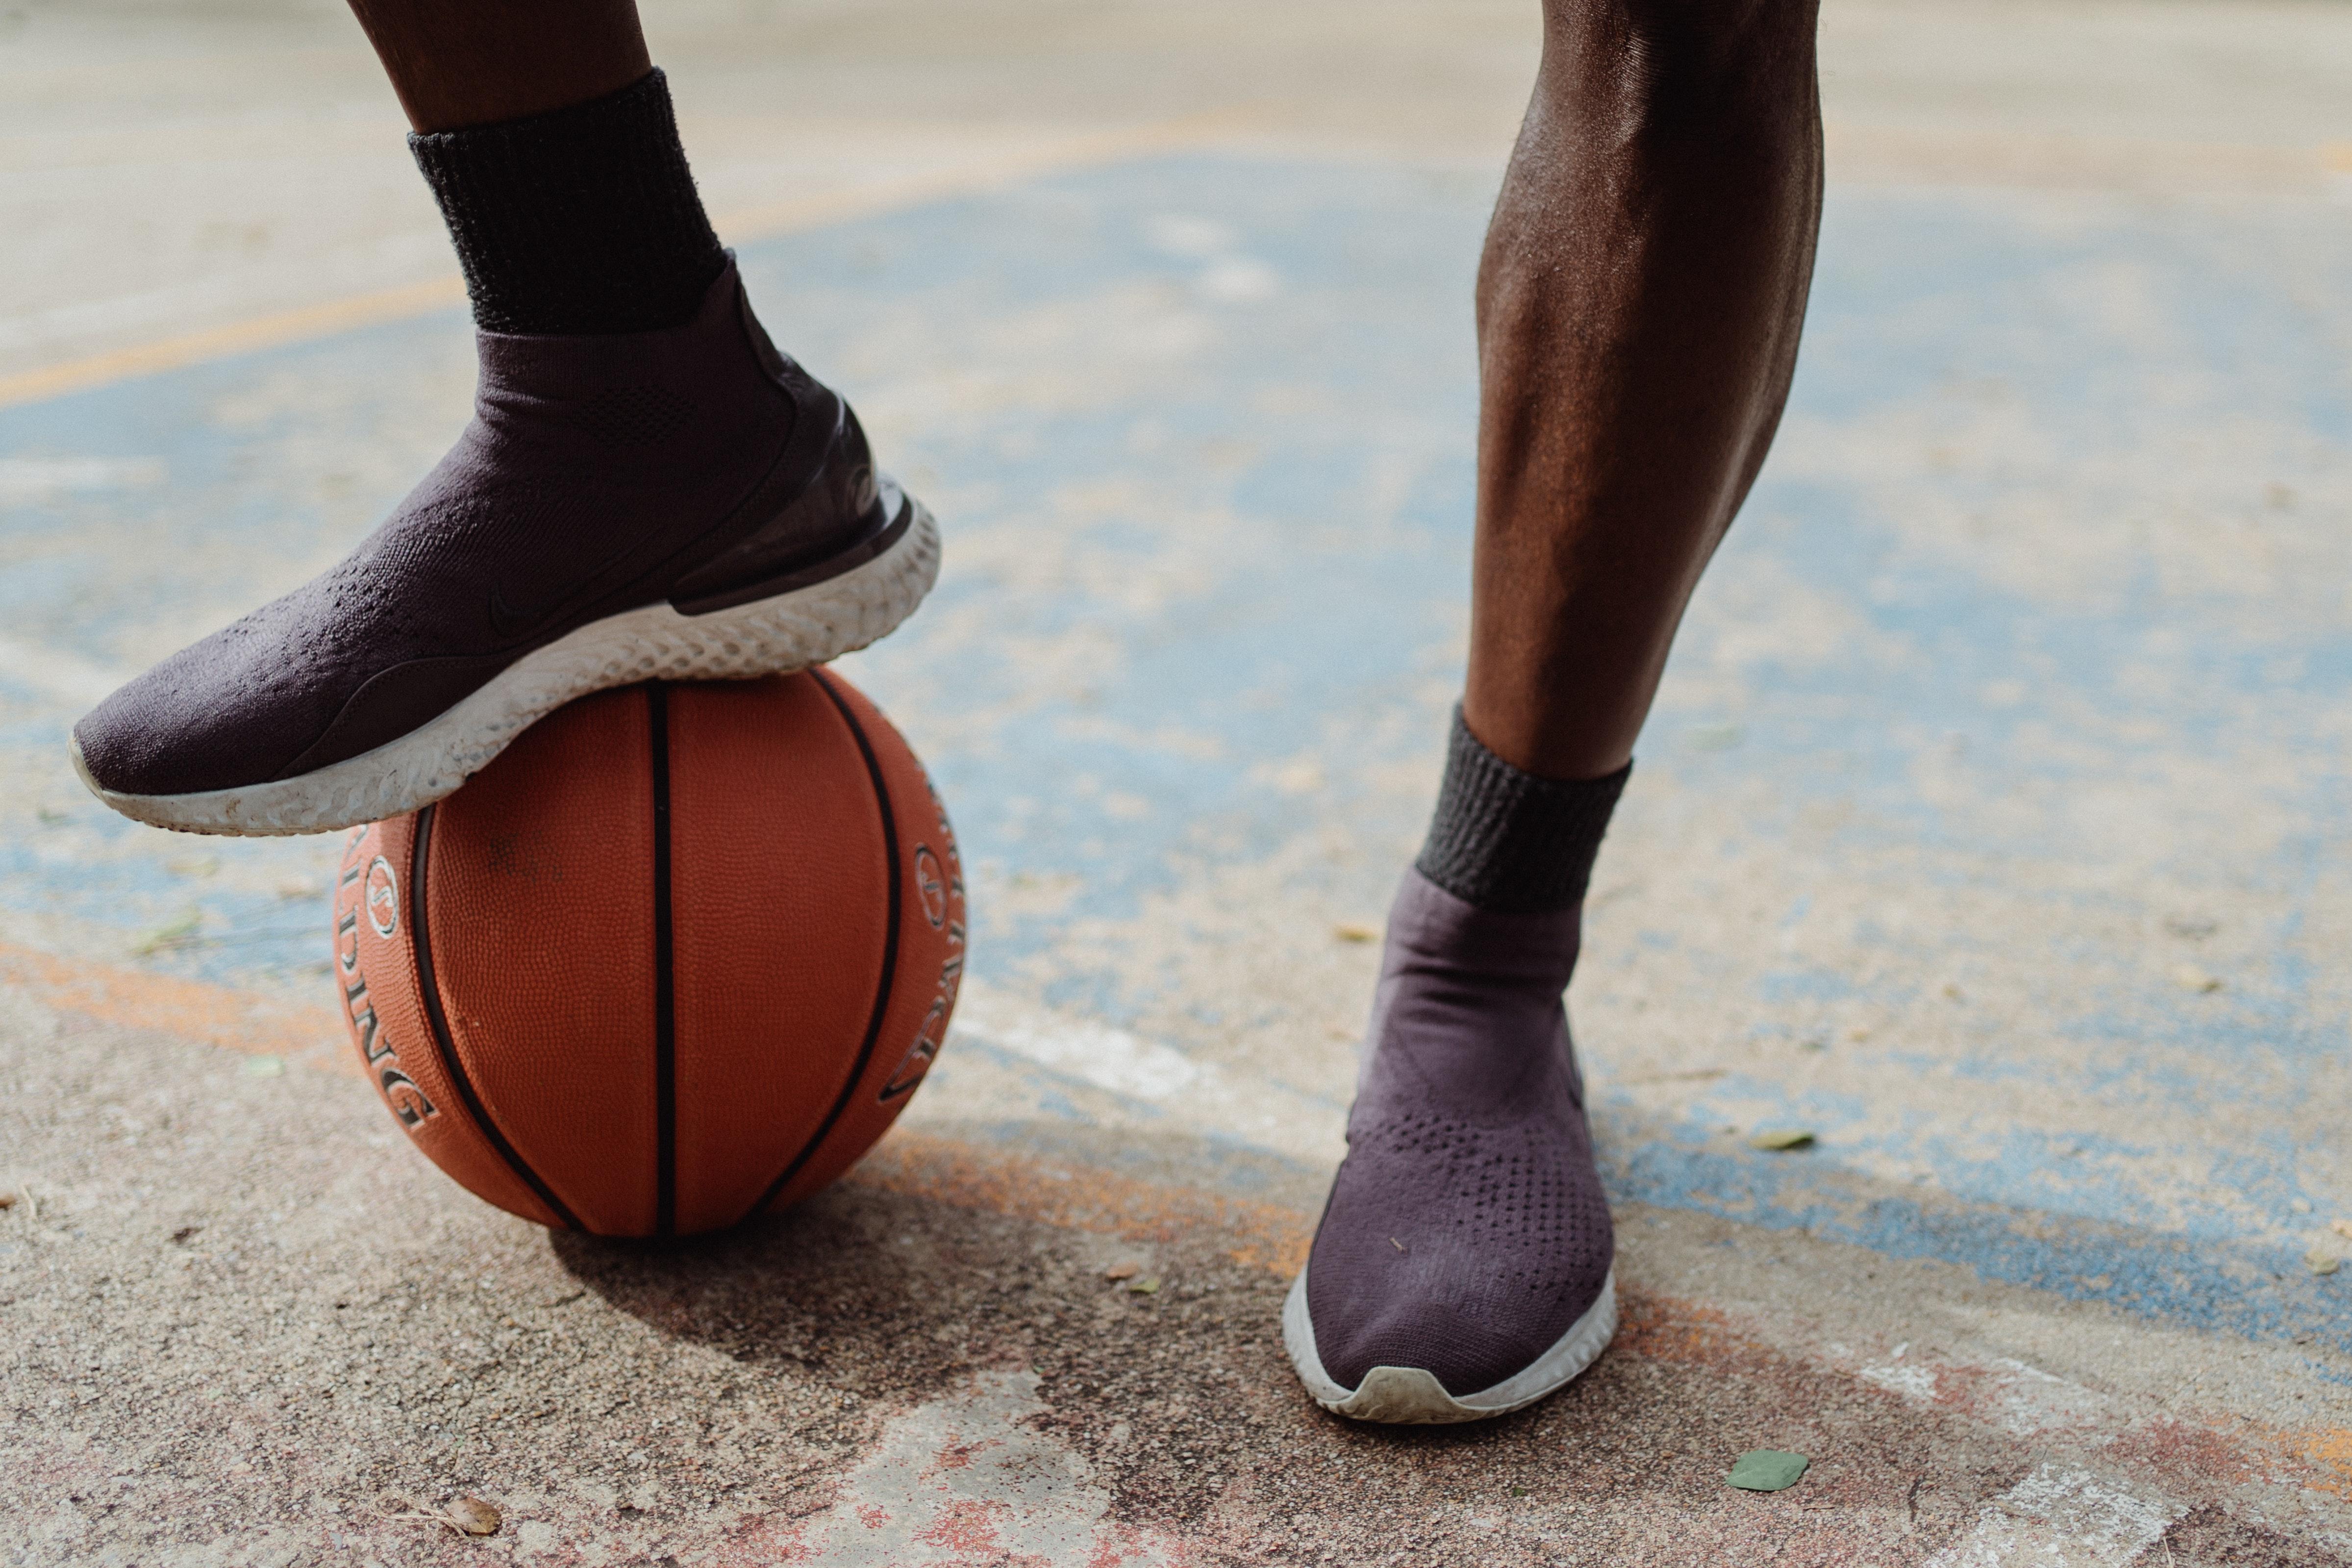 Ayakkabix Erkek Spor Ayakkabı Modelleri ile Konforu Hissedin!